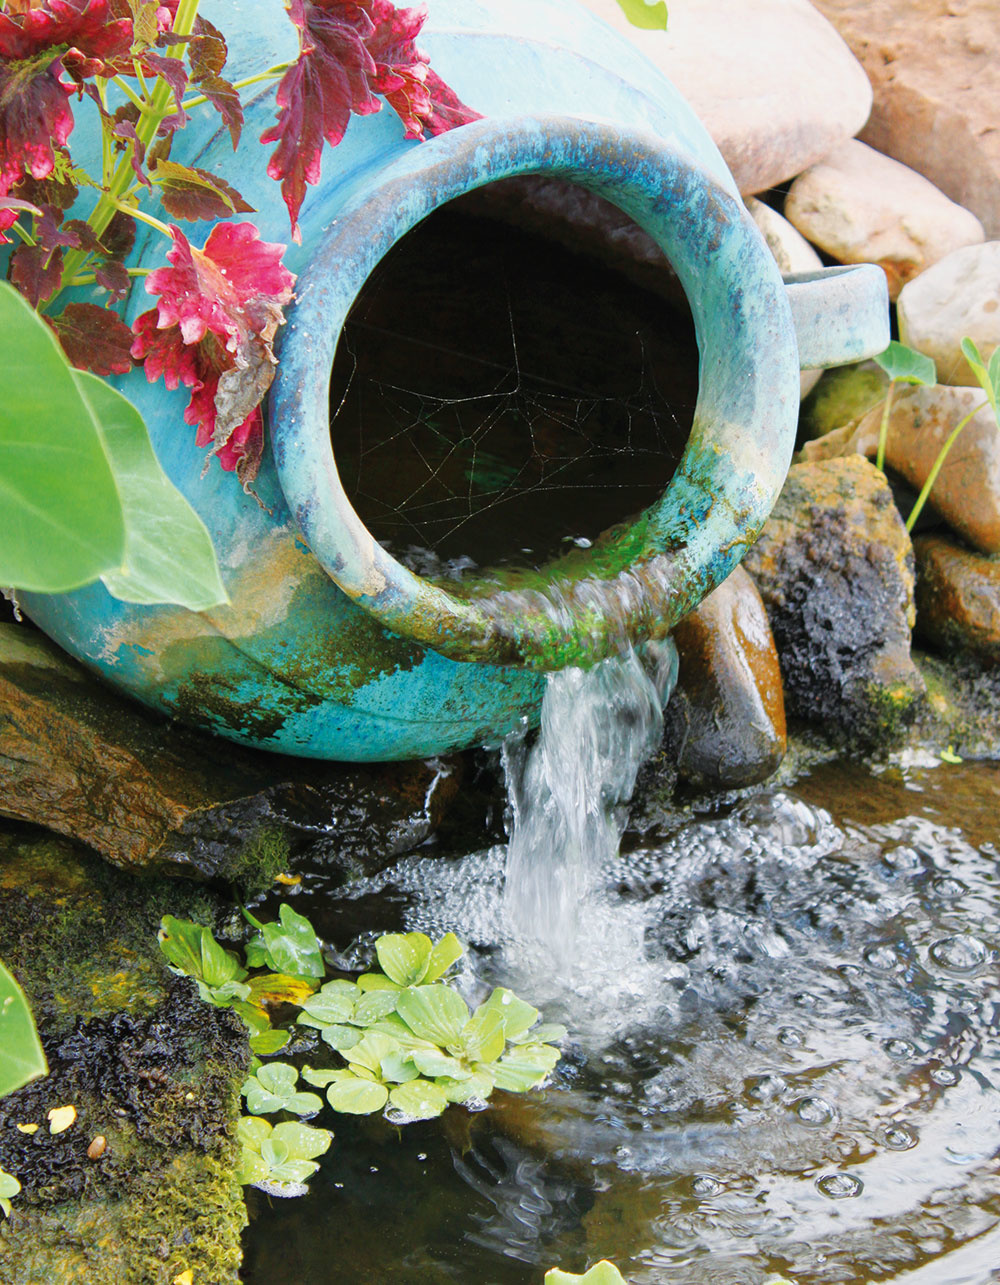 3 Žblnkotajúca voda… vnáša do záhrady harmóniu, nabáda kmeditovaniu azároveň osviežuje. Na vodný prvok by sa malo nájsť miesto aj vtej najmenšej záhrade. Podoba takéhoto malého prameniska dokazuje, že nie vždy treba všetko rozbité hneď vyhadzovať.